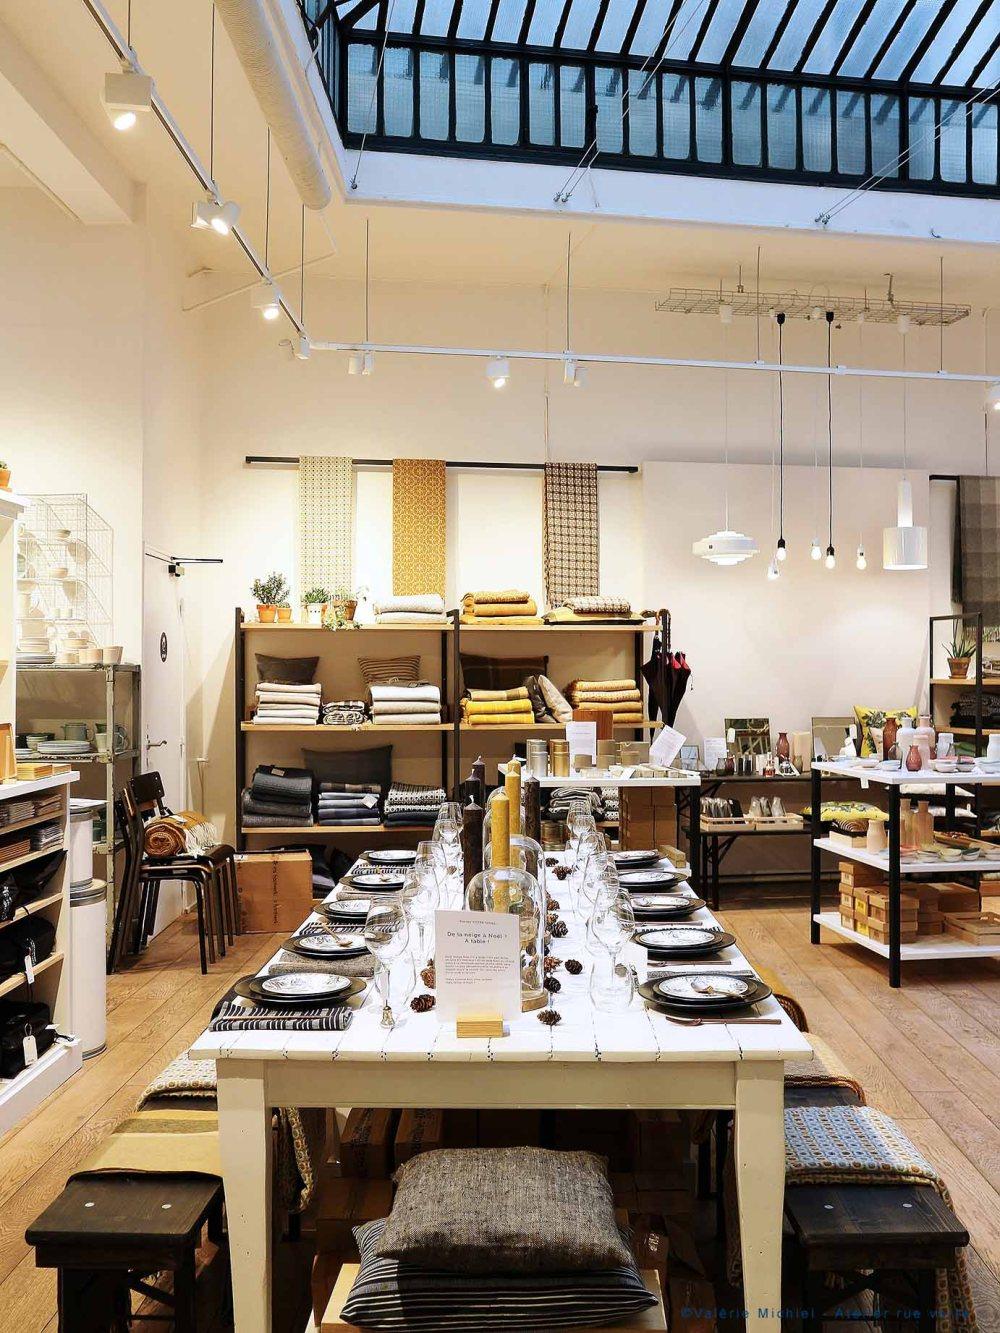 la-table-3-la-tresorerie-atelier-rue-verte